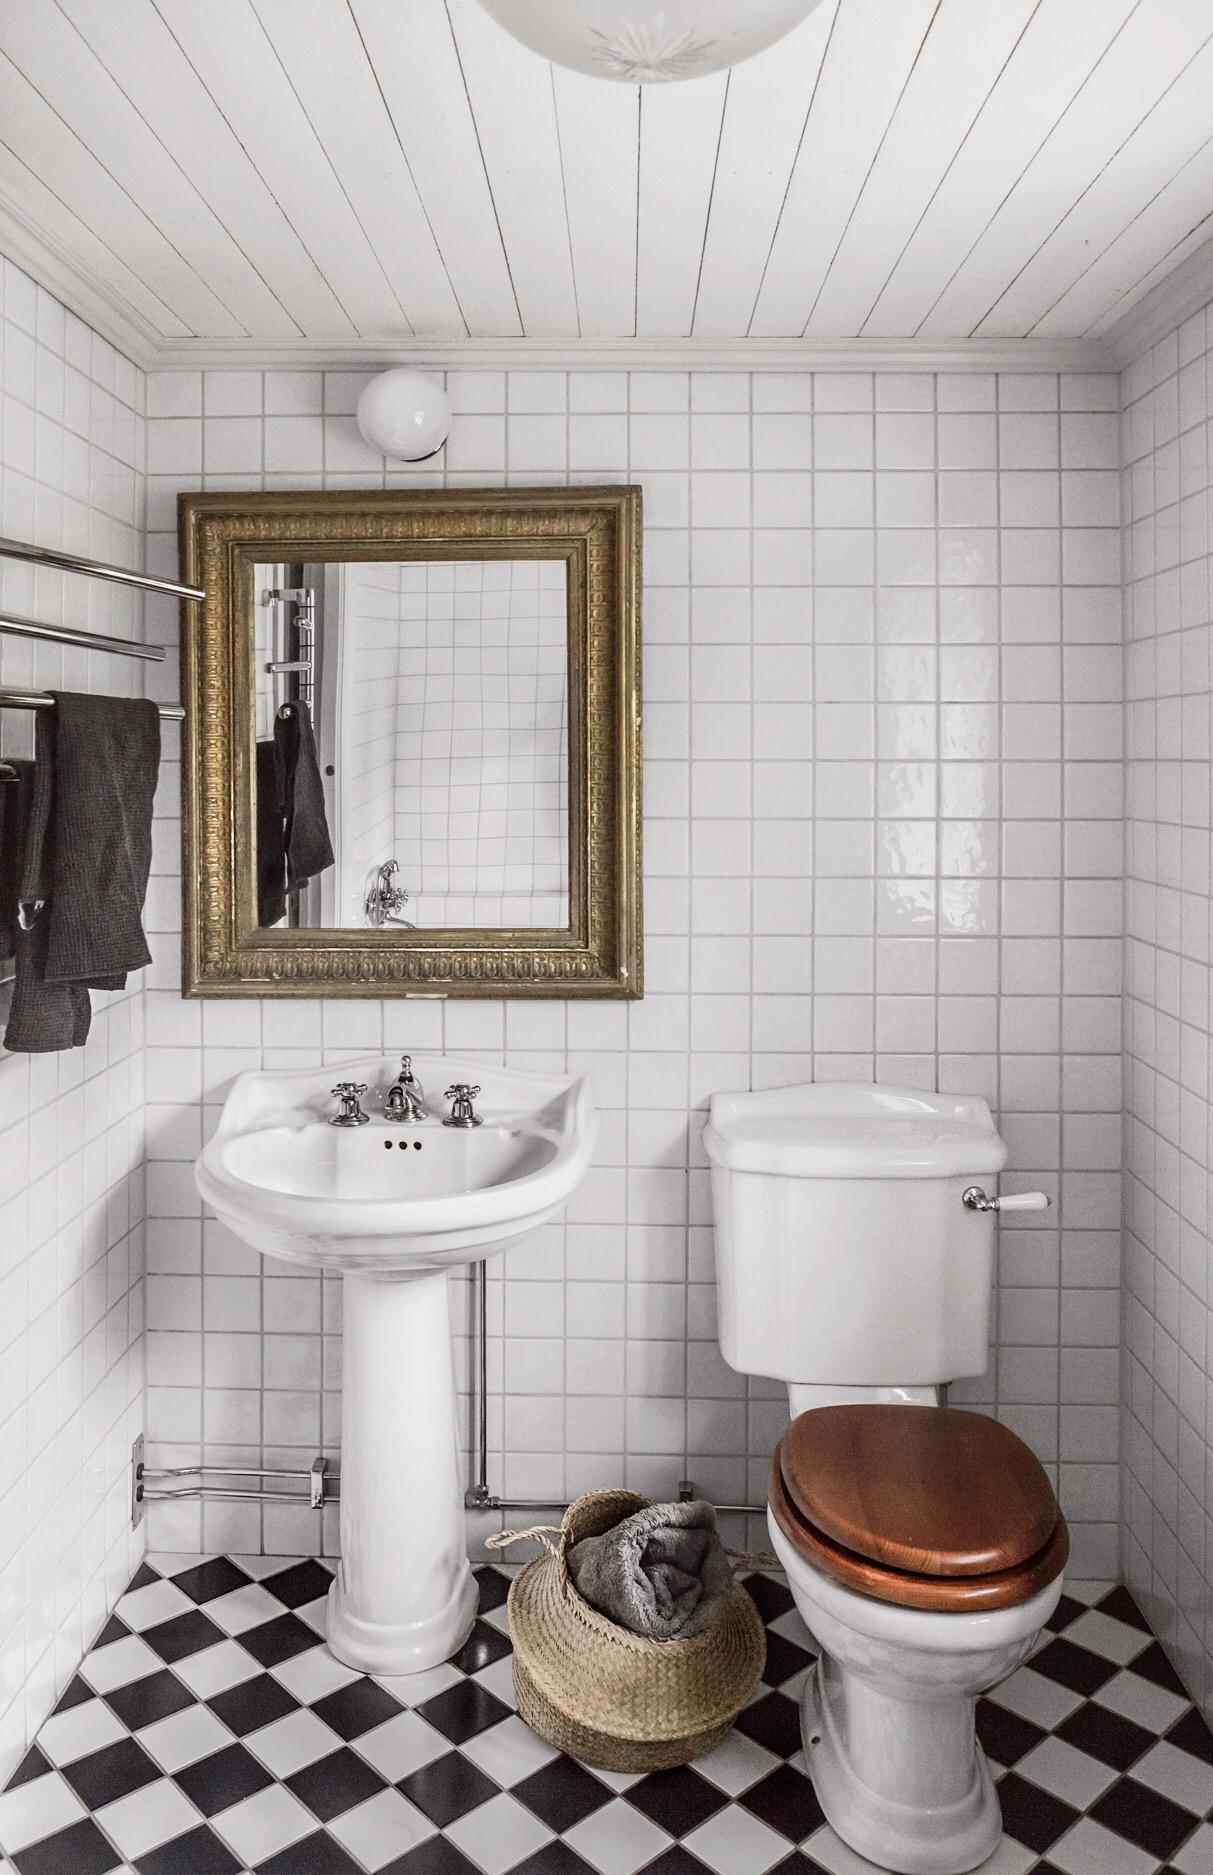 санузел раковина зеркало квадратная белая плитка шахматная укладка